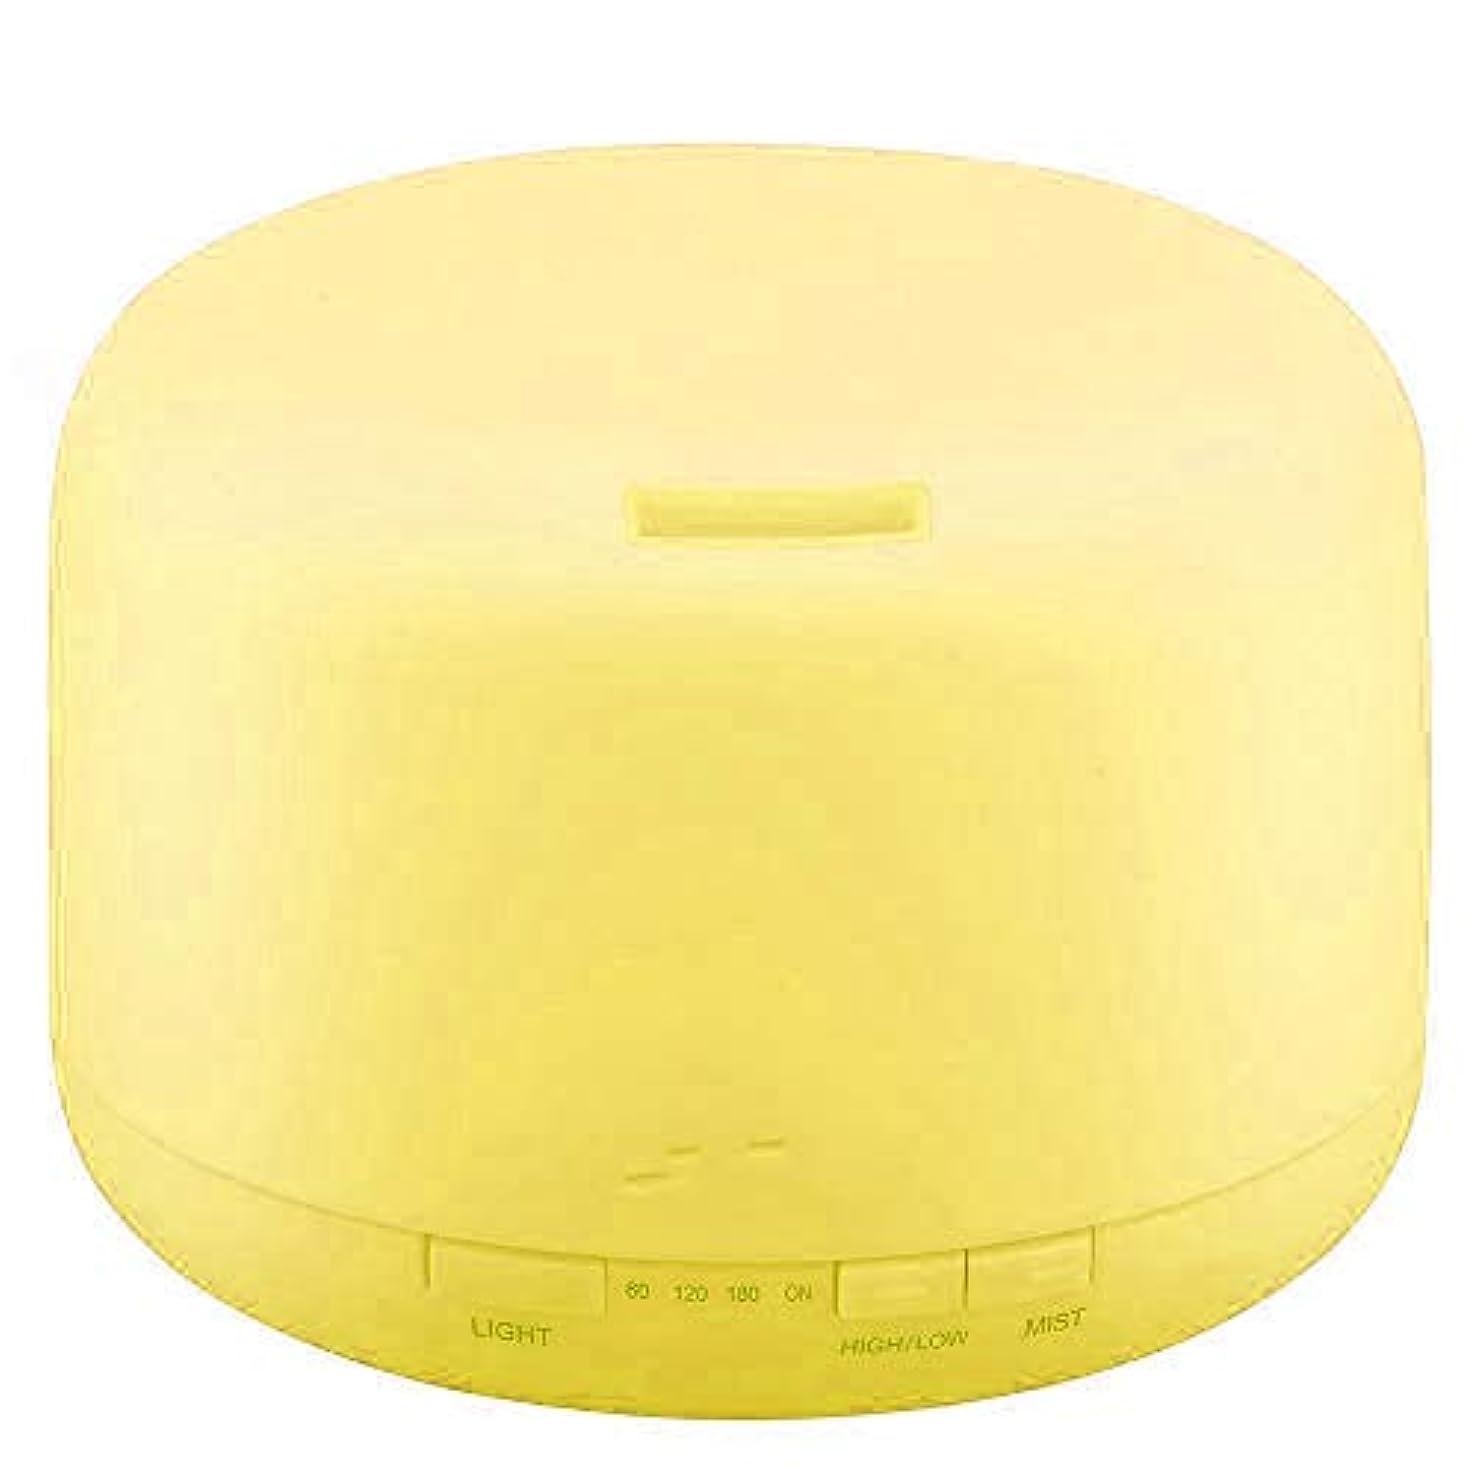 ビュッフェペレットるURPOWER 300 ml Aromatherapy Essential Oil Diffuser with 4タイマー設定とWaterless自動遮断 300ml OD13